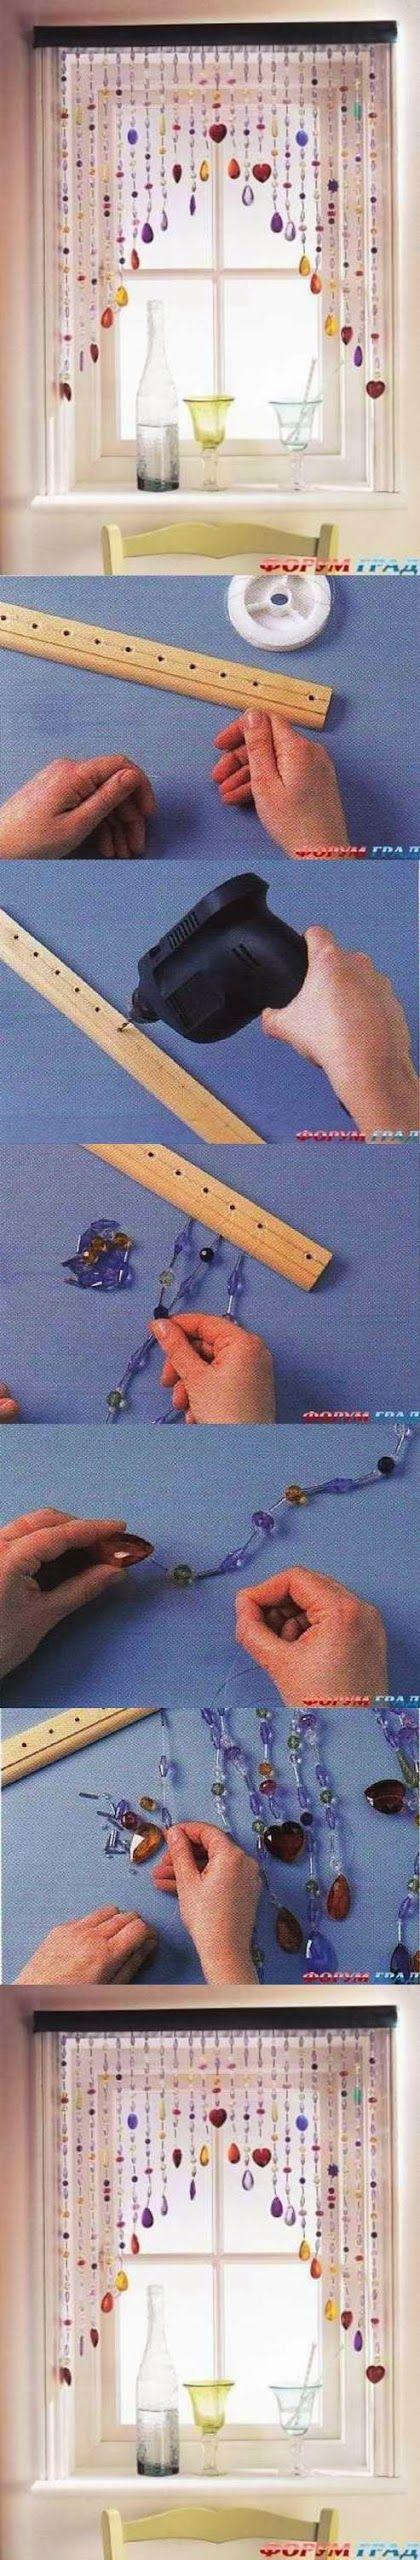 DIY Beaded Curtain .... Creating a bead curtain for a porch